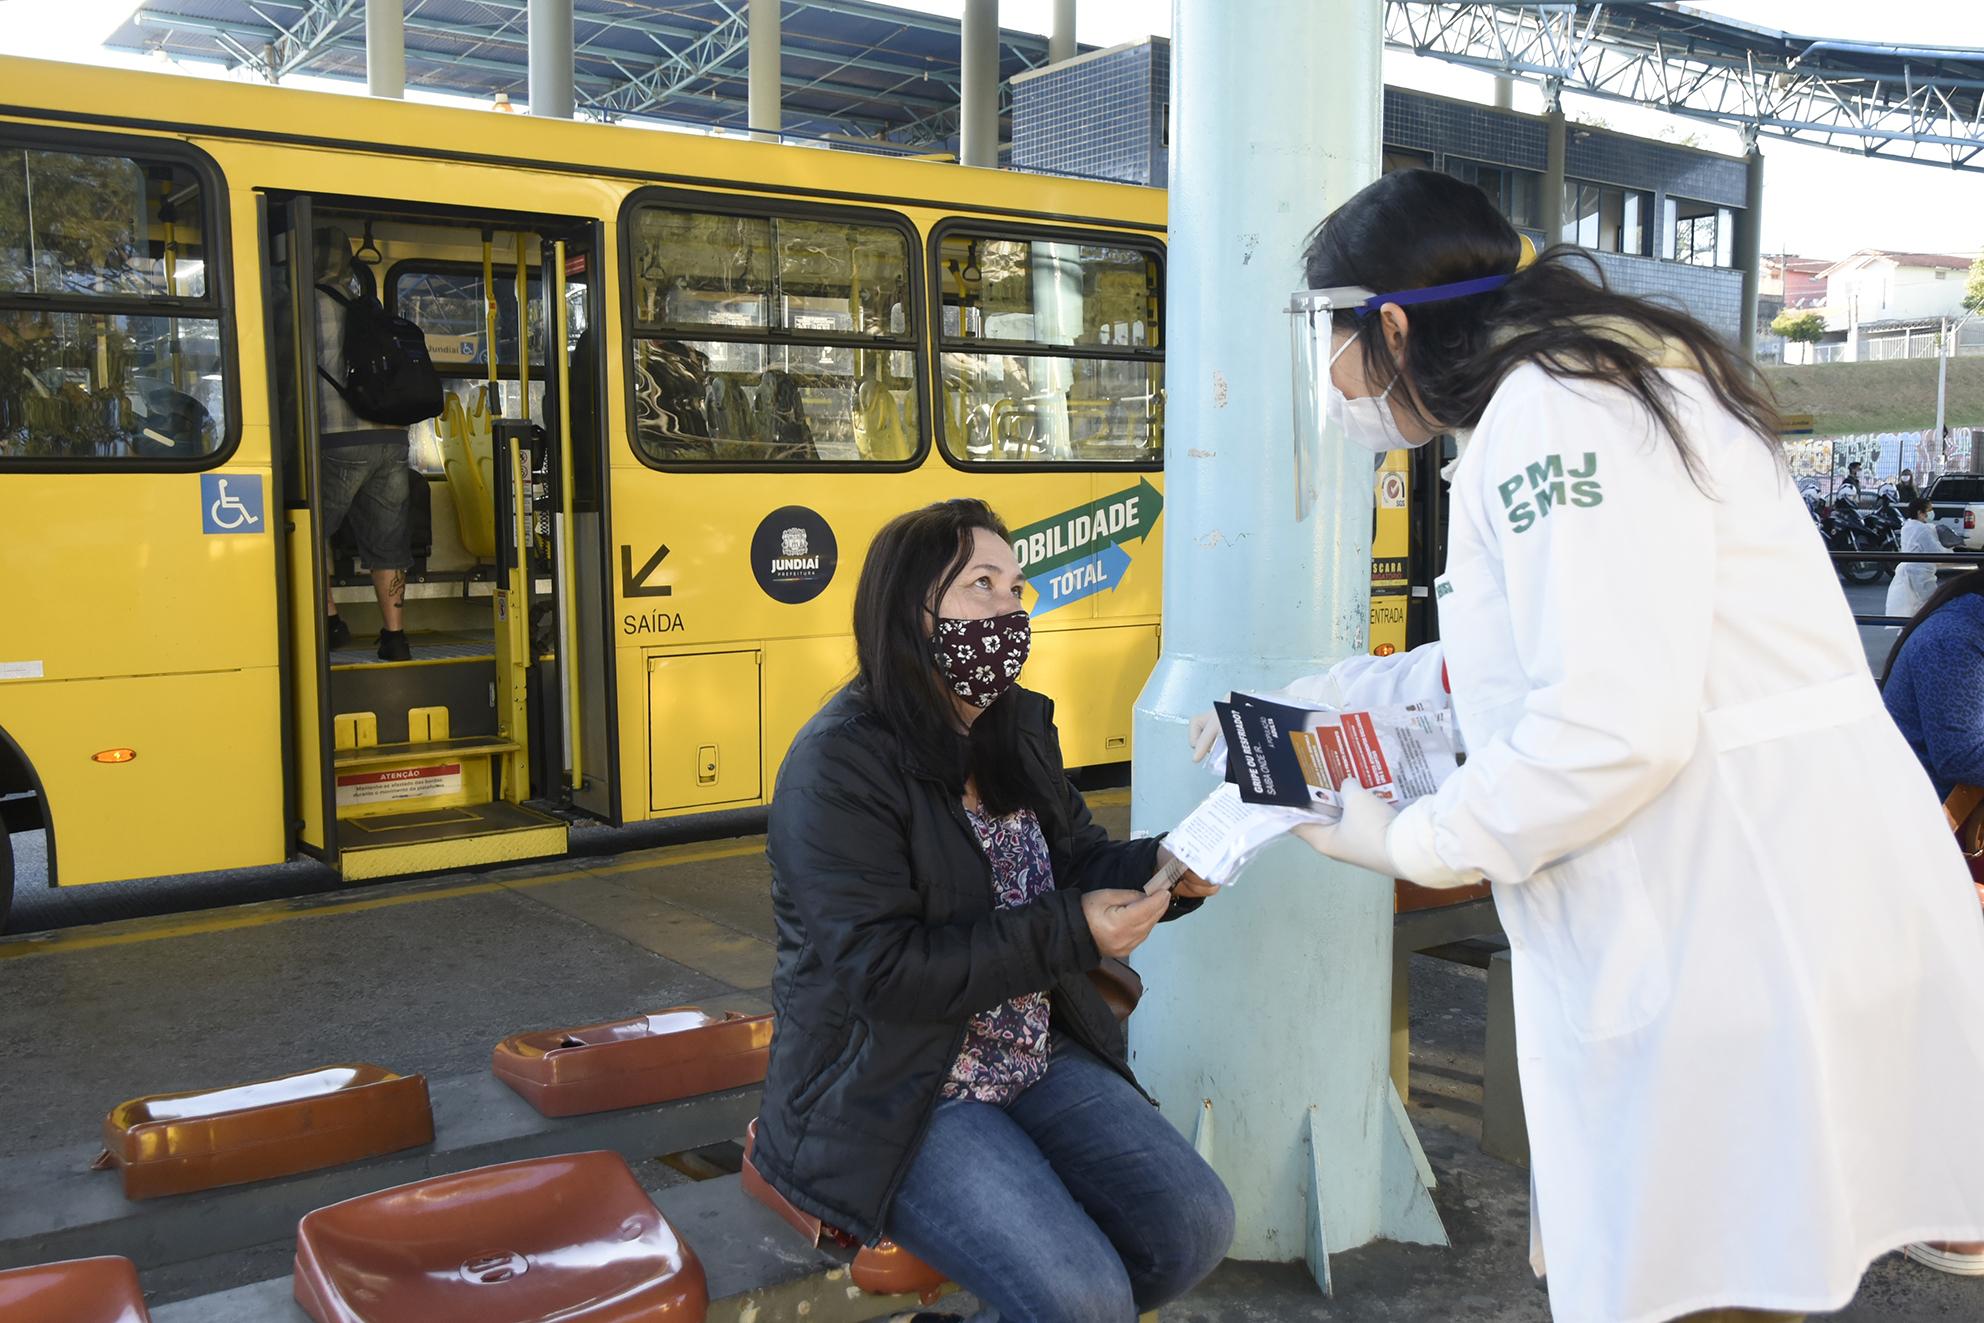 Ação de conscientização vai ocorrer nos sete terminais urbanos de Jundiaí